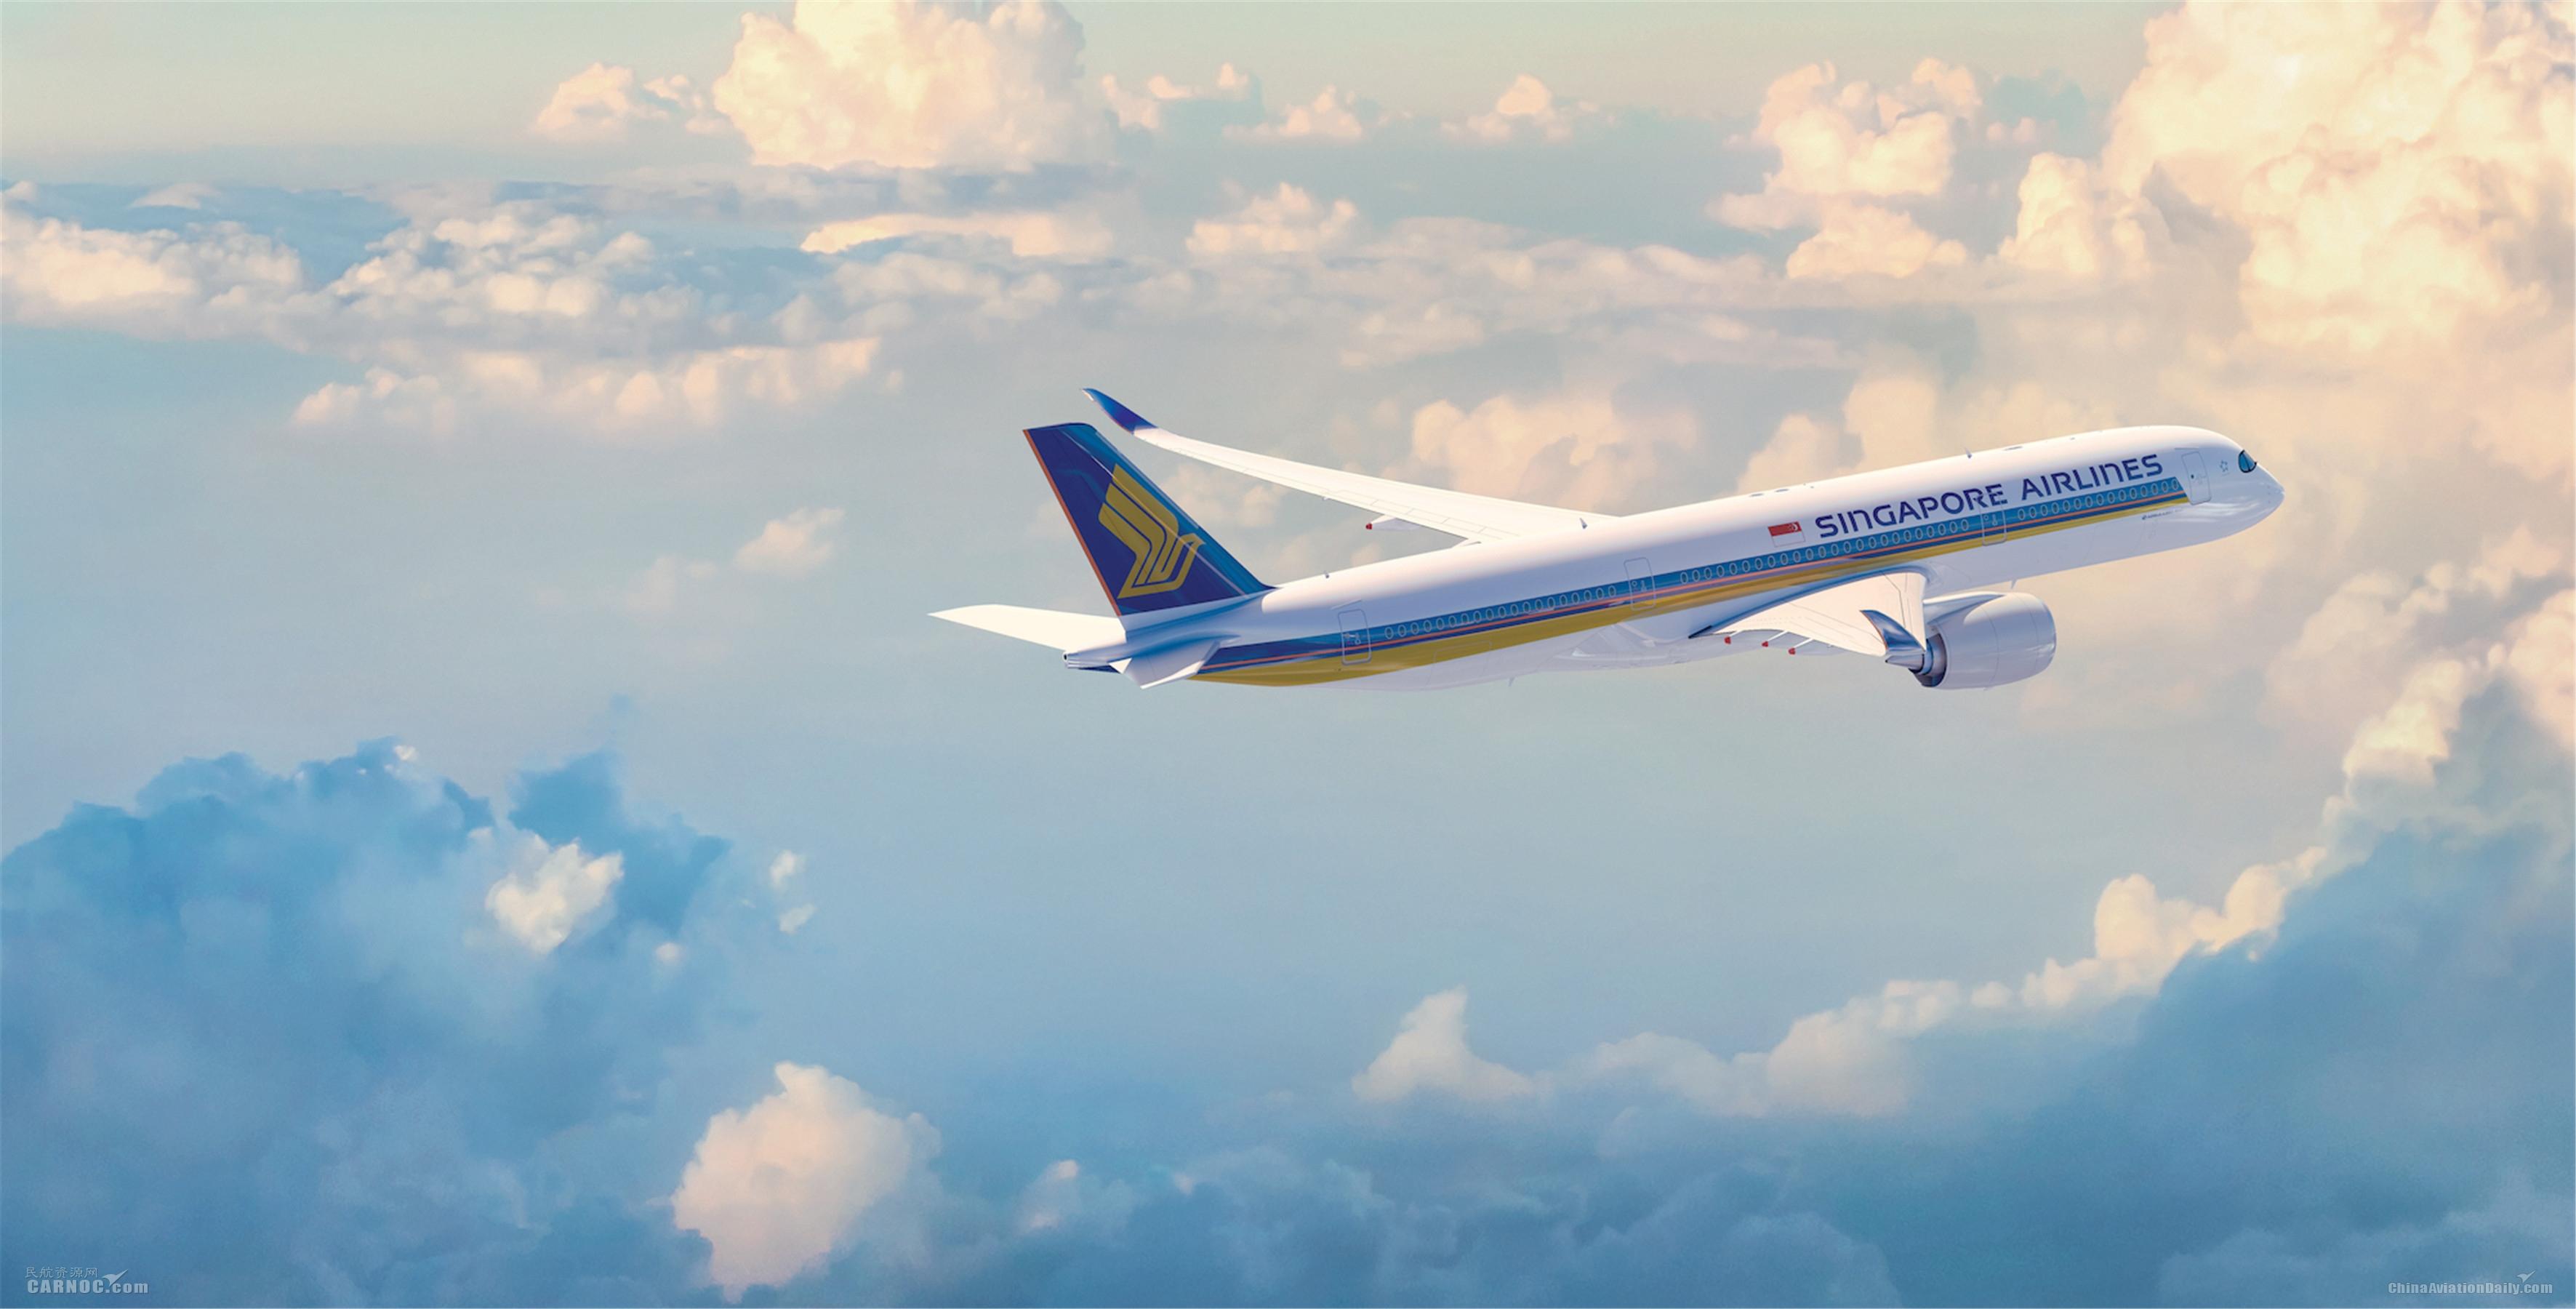 新加坡航空A350-900中程客机将执飞北京-新加坡航线